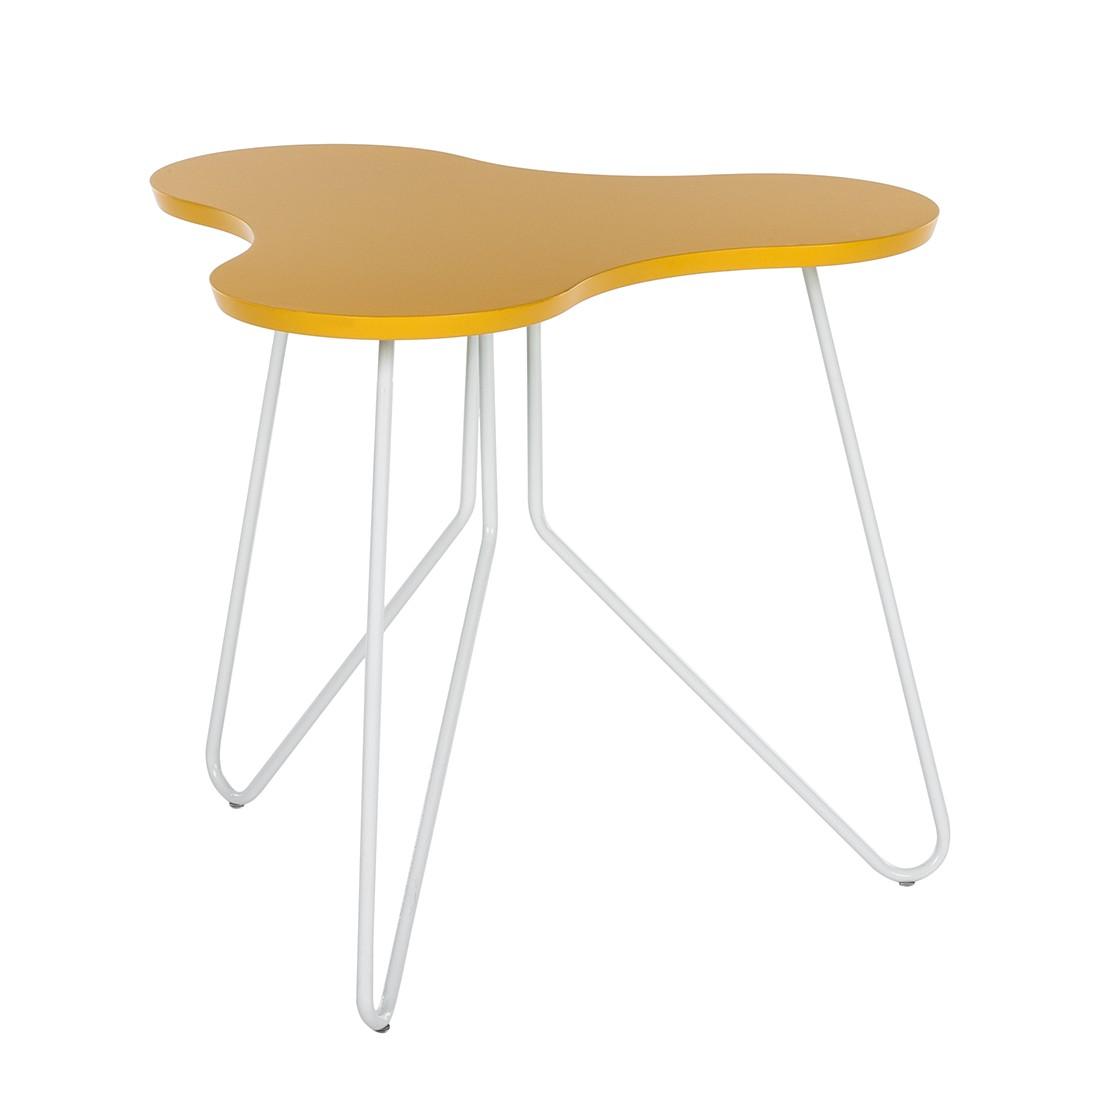 Beistelltisch Fadi – Gelb/Weiß, re:concept online kaufen